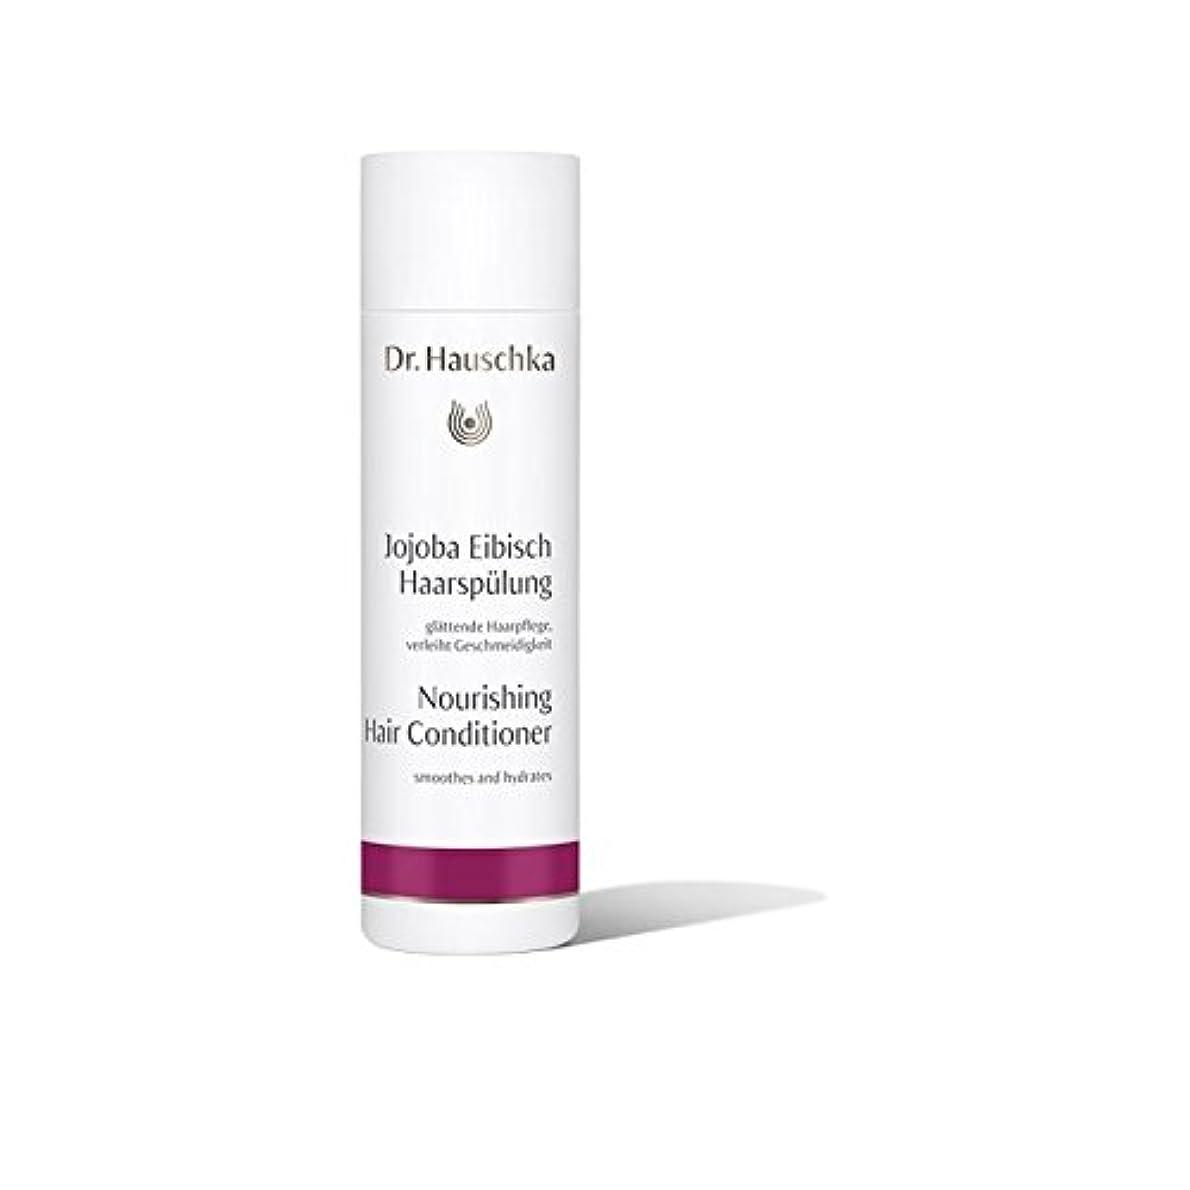 反響する宿命ランデブーハウシュカ栄養ヘアコンディショナー(200ミリリットル) x4 - Dr. Hauschka Nourishing Hair Conditioner (200ml) (Pack of 4) [並行輸入品]